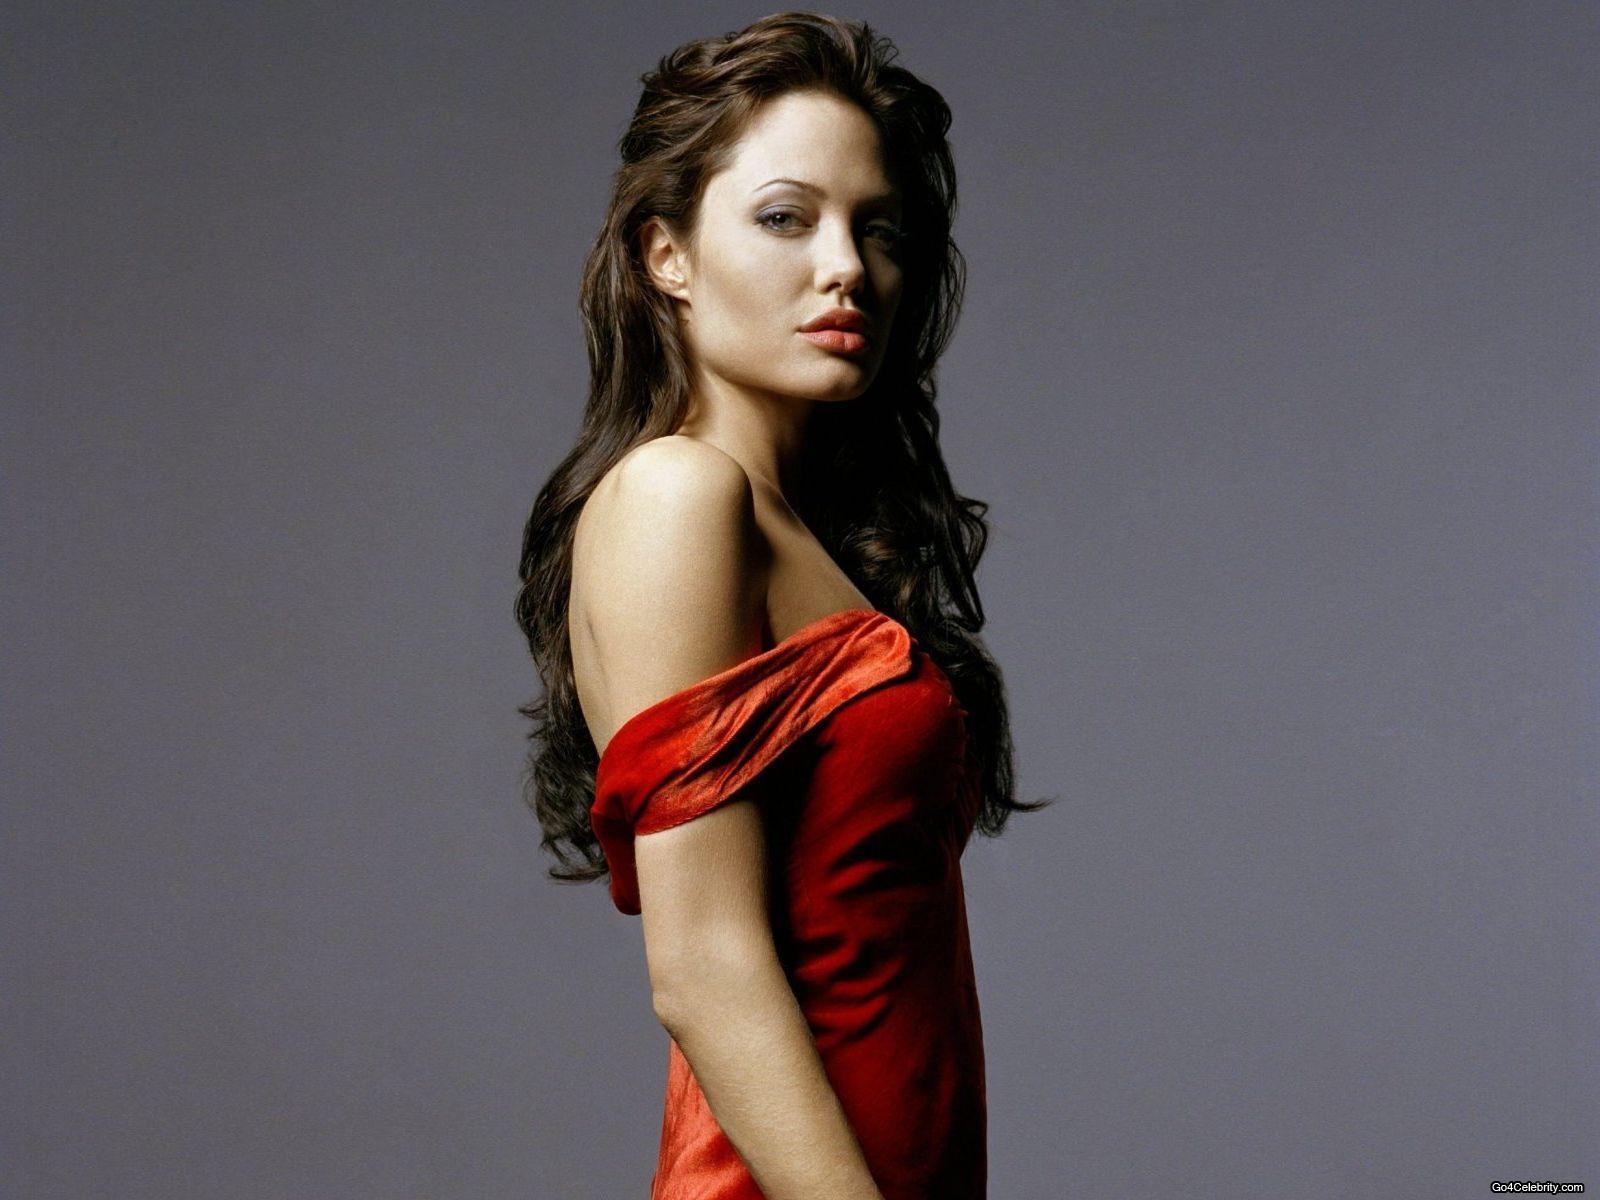 http://4.bp.blogspot.com/-2E60F7jG0oU/UBTkNjDPh1I/AAAAAAAAMaE/1hCnZhemI04/s1600/Angelina-Jolie-098.jpg